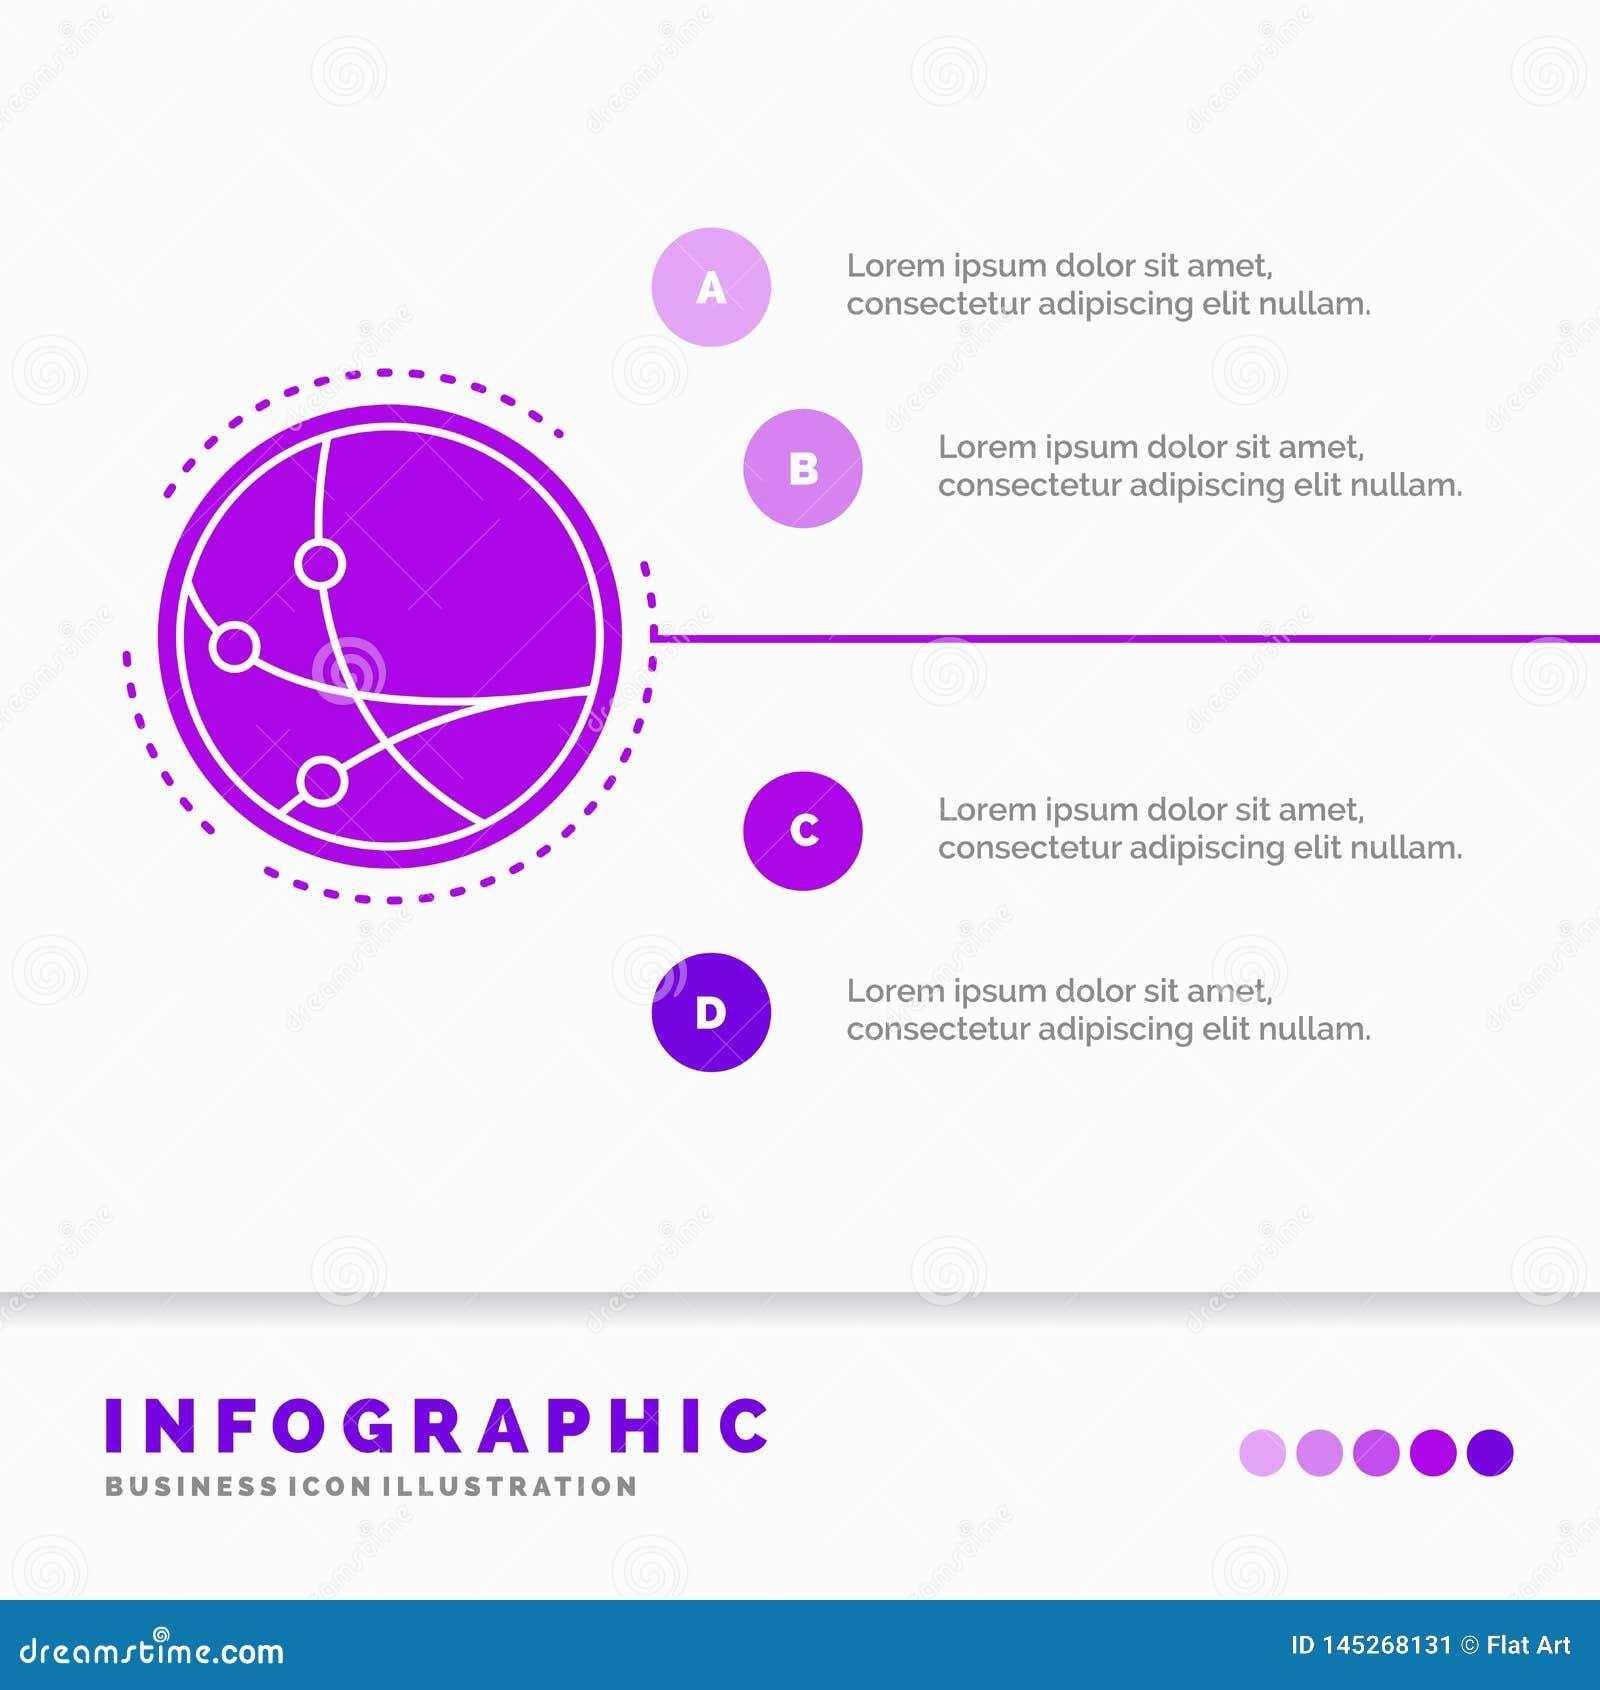 över hela världen kommunikation, anslutning, internet, nätverksInfographics mall för Website och presentation Sk?ralilasymbol